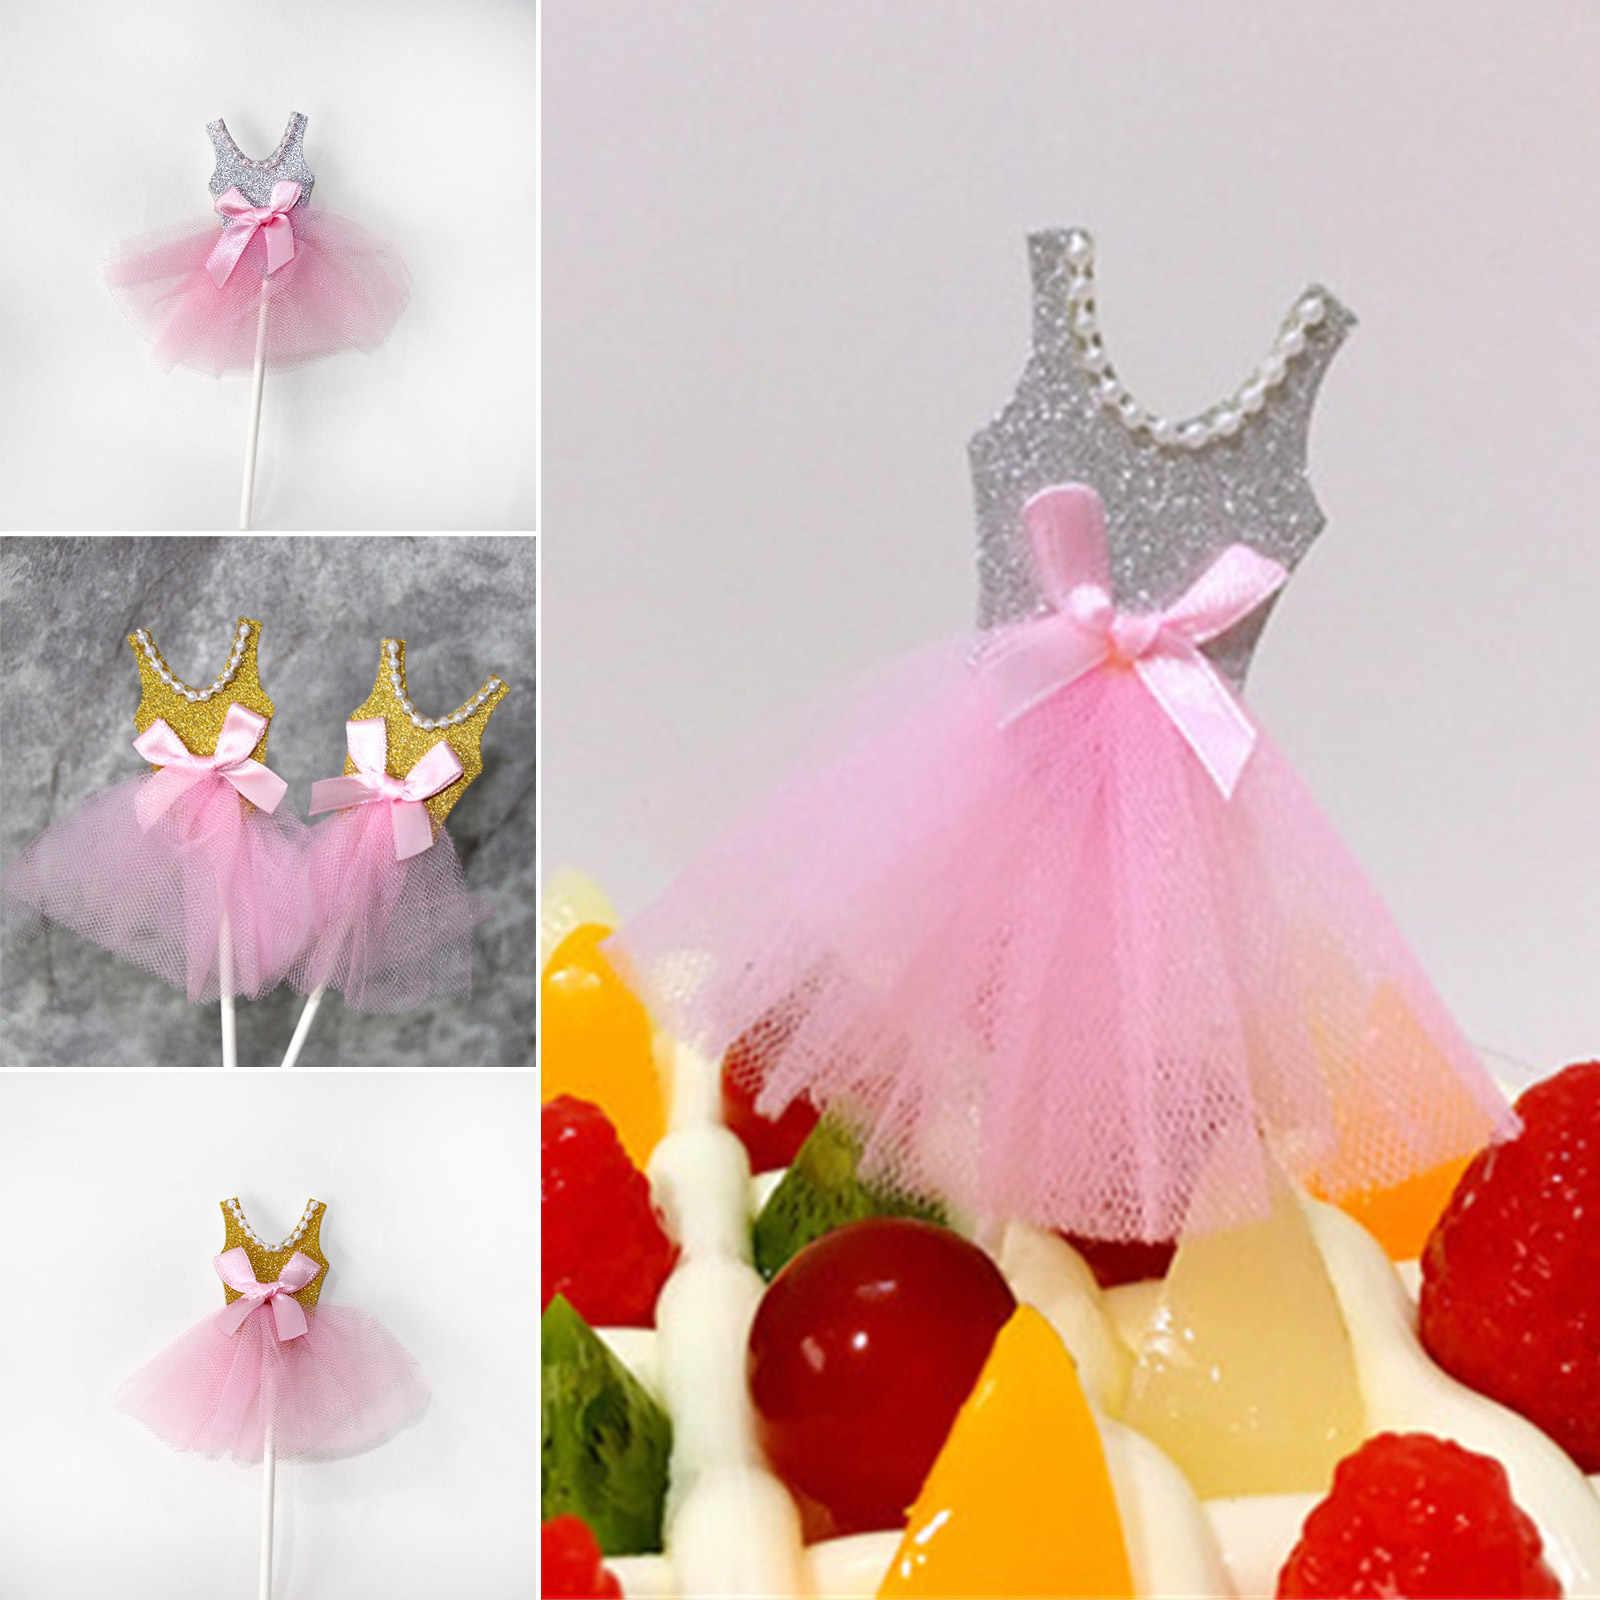 5 個プリンセスゴールドシルバーケーキトッパー装飾カップケーキトッパー女の子ハッピー誕生日結婚式パーティーサプライ